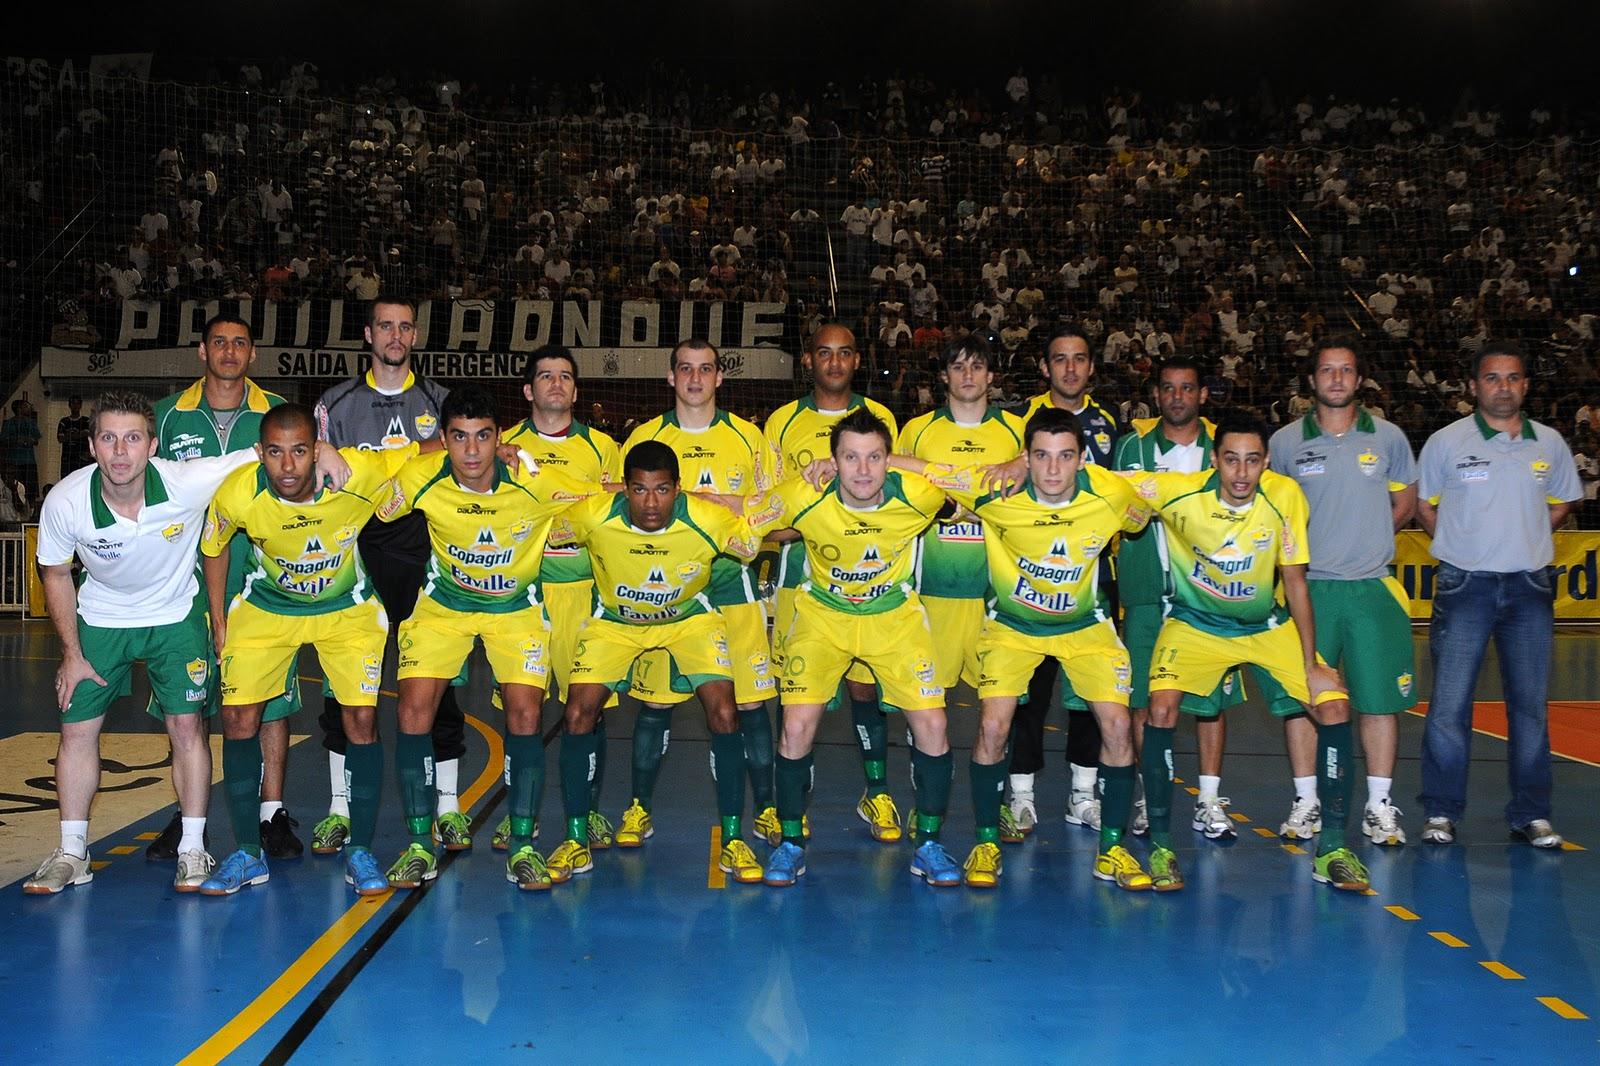 A Copagril Faville DalPonte é a primeira finalista da Liga Futsal 2010. O  time paranaense chegou à decisão ao empatar em 1 a 1 diante da excelente  equipe do ... 2d3fa236c9eb0